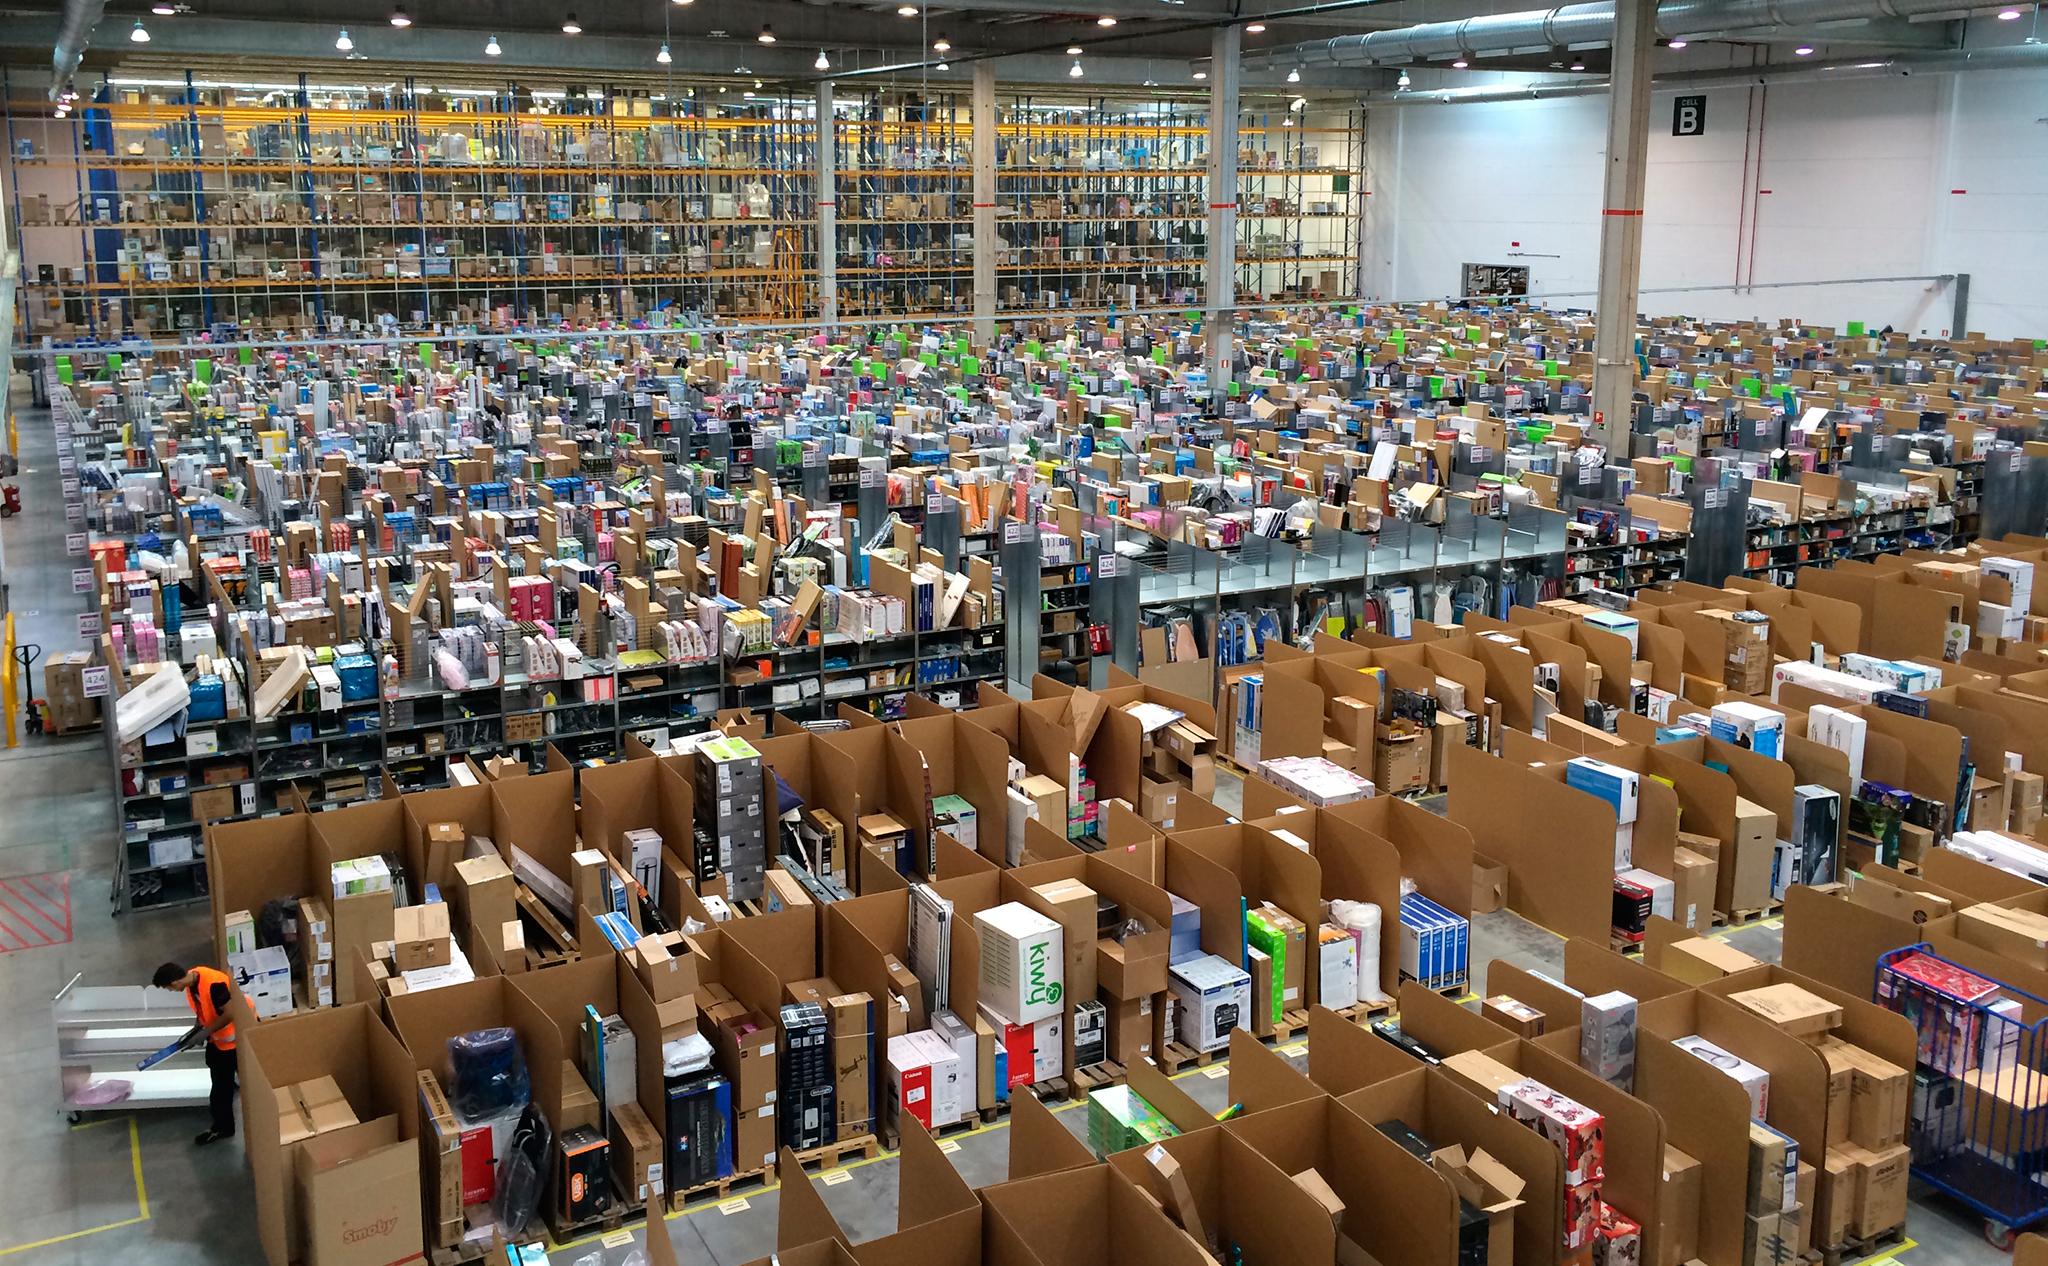 Чистая прибыль Amazon в первом полугодии выросла до $1.37 млрд